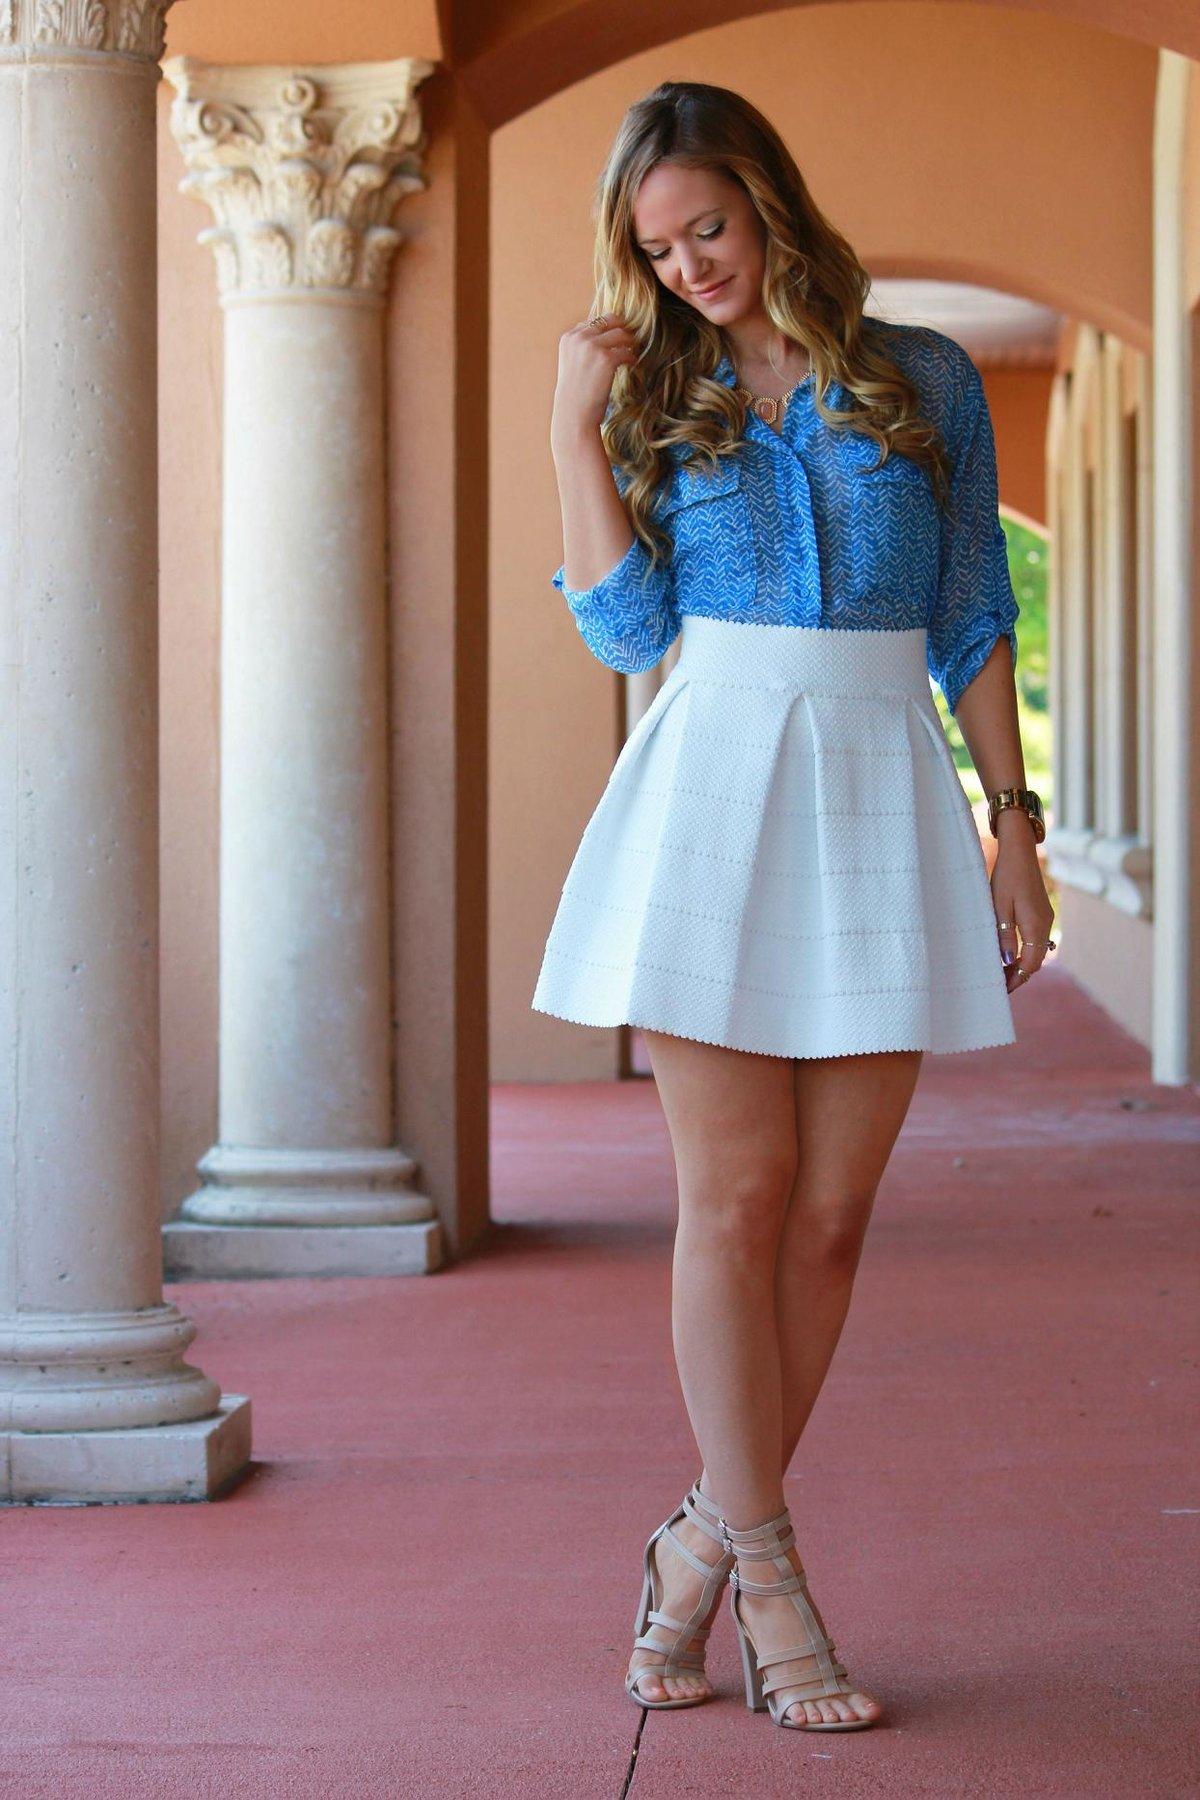 Короткая юбка на девушке 8